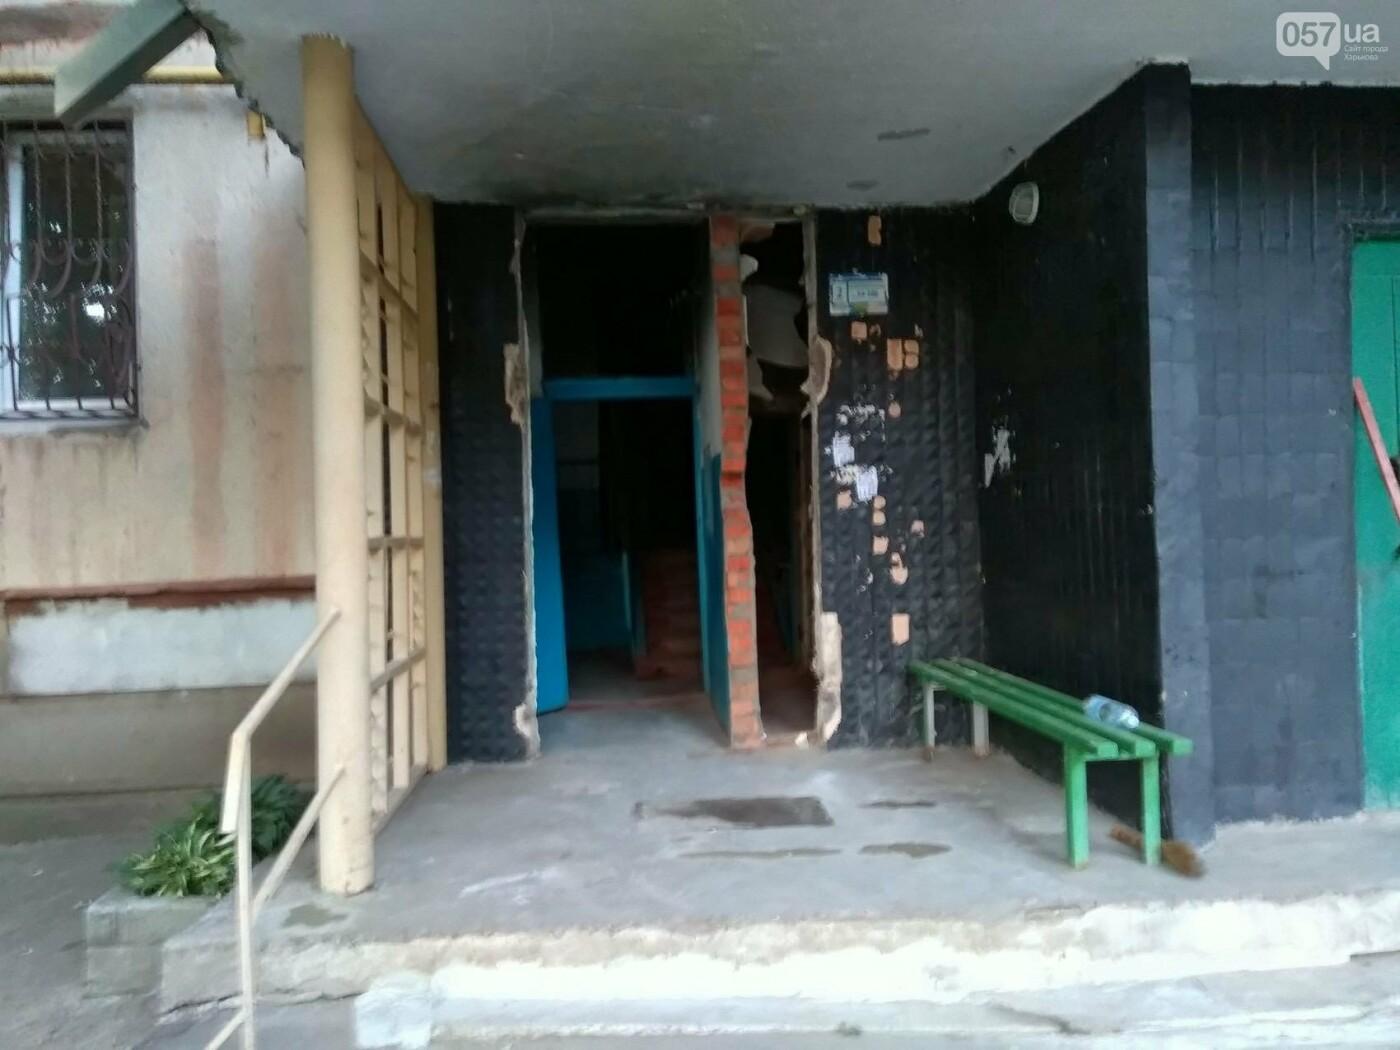 В Харькове ремонтируют многоэтажку на Танкопия, где произошел взрыв, - ФОТО, фото-3